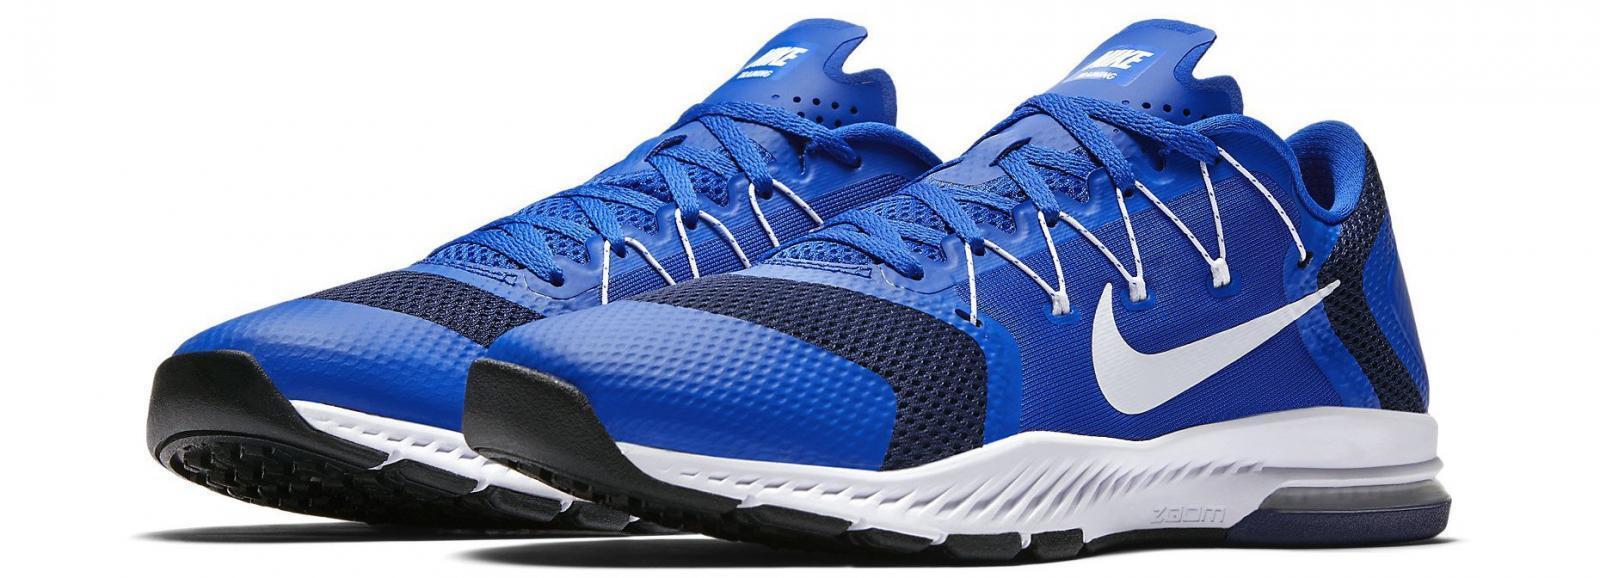 Da Uomo Nike Zoom Train formazione dei dei dei formatori Complete 882119 402 | Reputazione a lungo termine  | Uomo/Donna Scarpa  8ec9f3